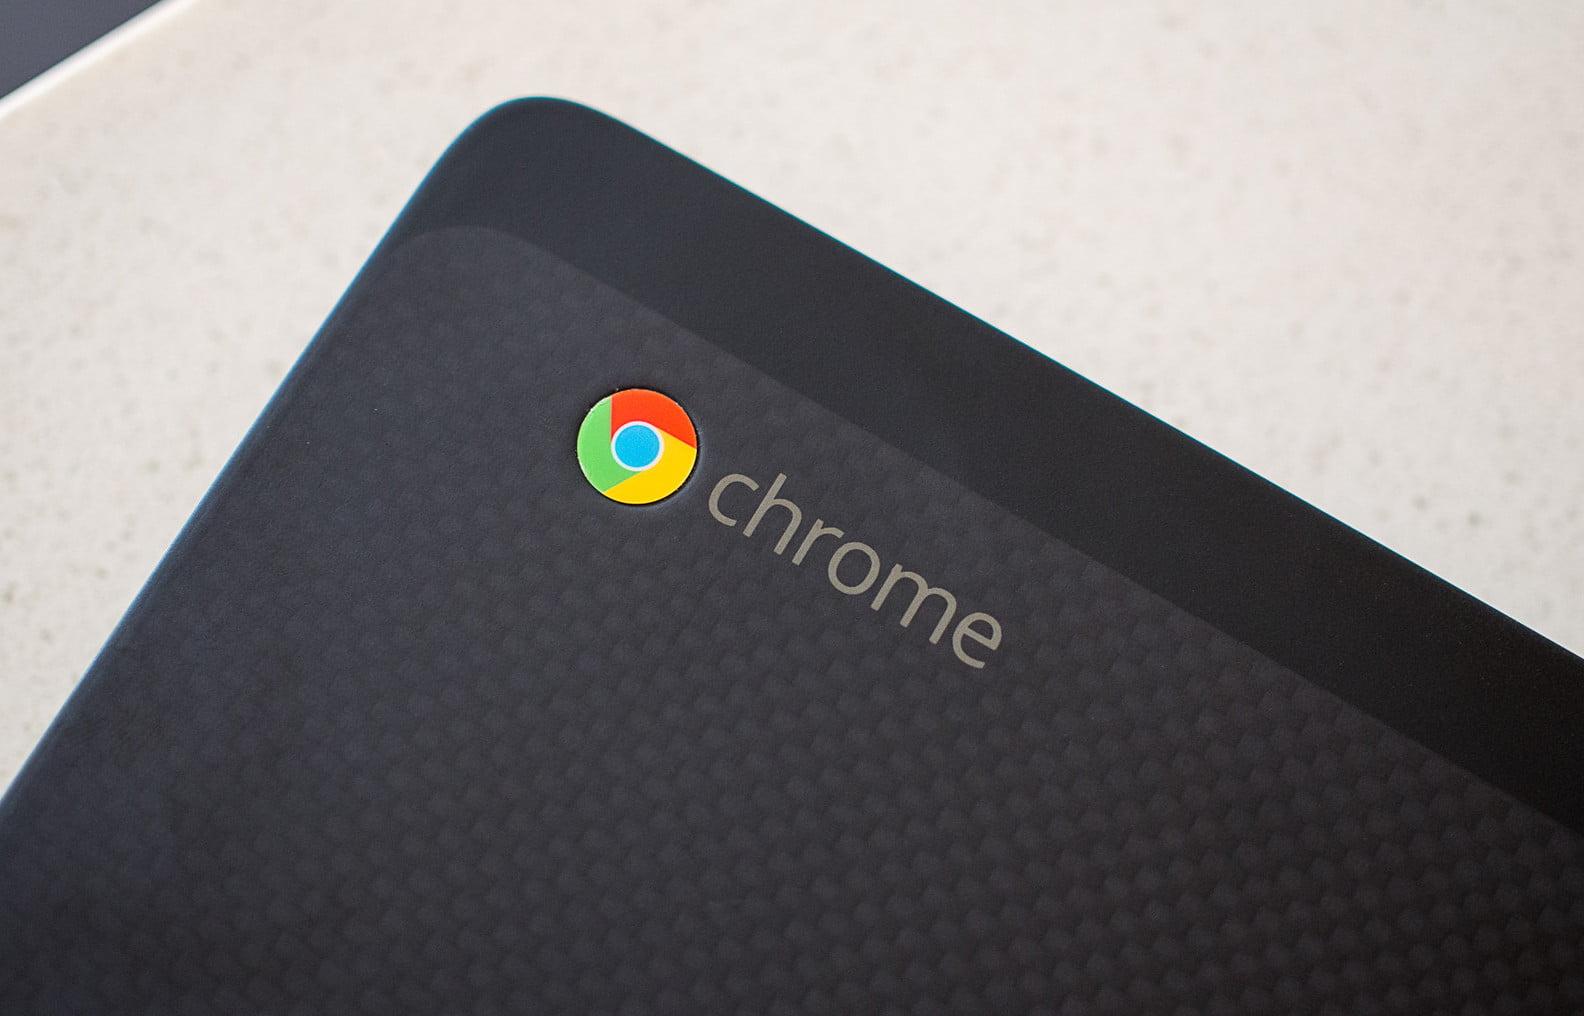 chrome-os-logo-dell-chromebook